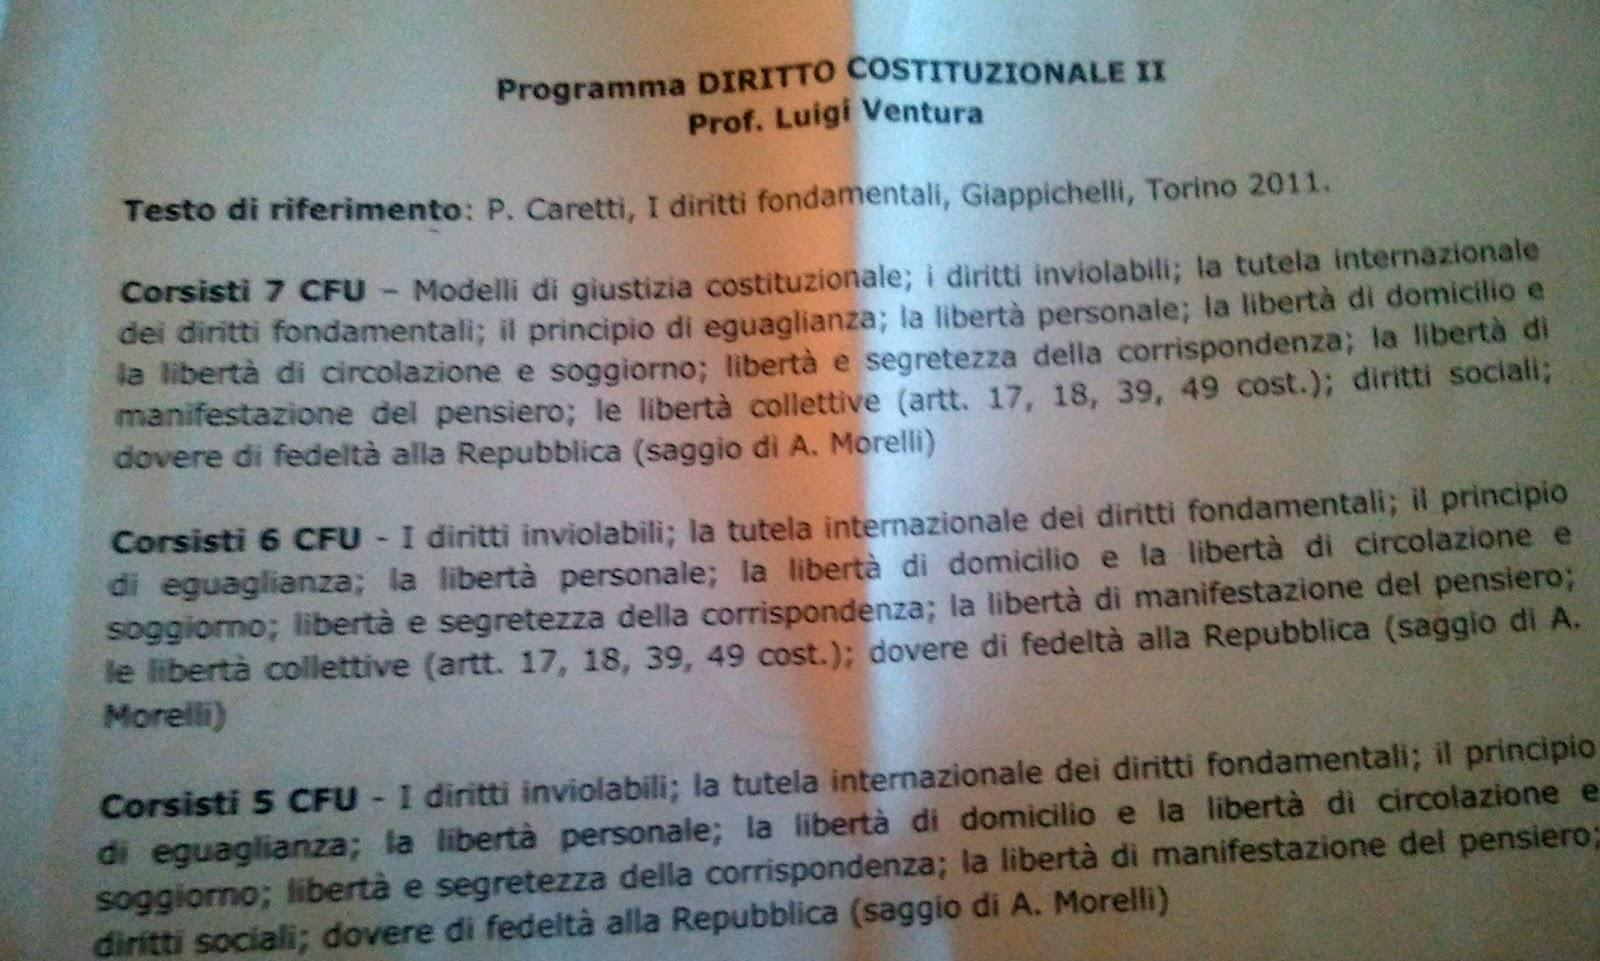 PROGRAMMA DIRITTO COSTITUZIONALE 2 suddiviso per CFU - CORSITI E NON ...